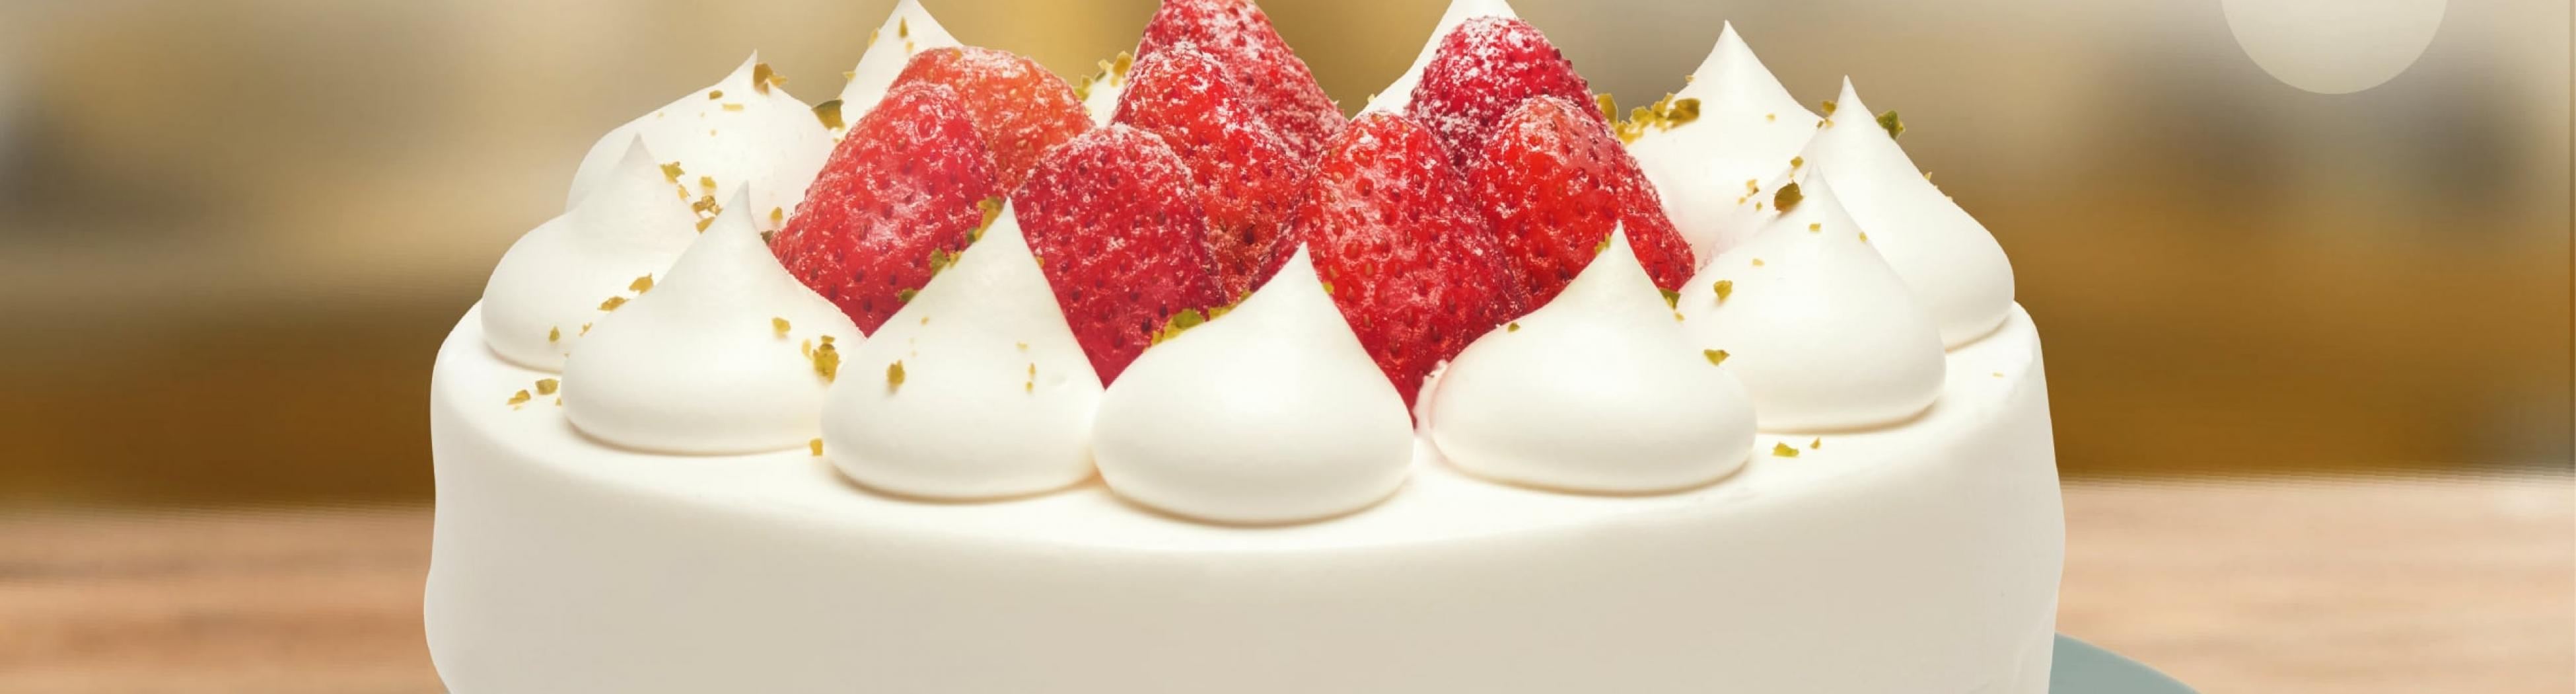 HAPPY MOTHER'S DAY母親節蛋糕預購8折